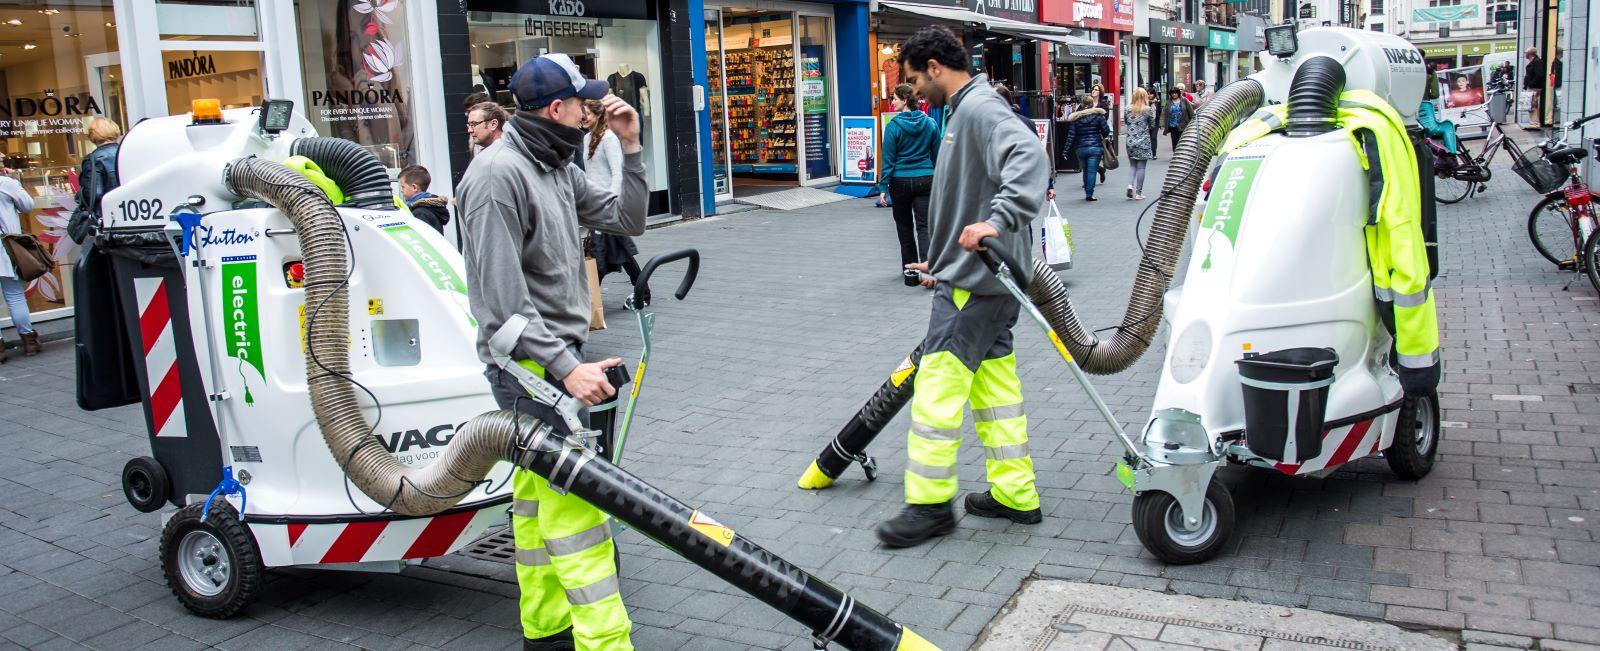 <h2>Openbare netheid & IVAGO</h2><div>Een net en afvalarm Gent. In álle wijken. Een correcte afvalinzameling, minder restafval en een zo ecologisch mogelijke afvalverwerking. En respect voor de medewerkers van IVAGO.</div>